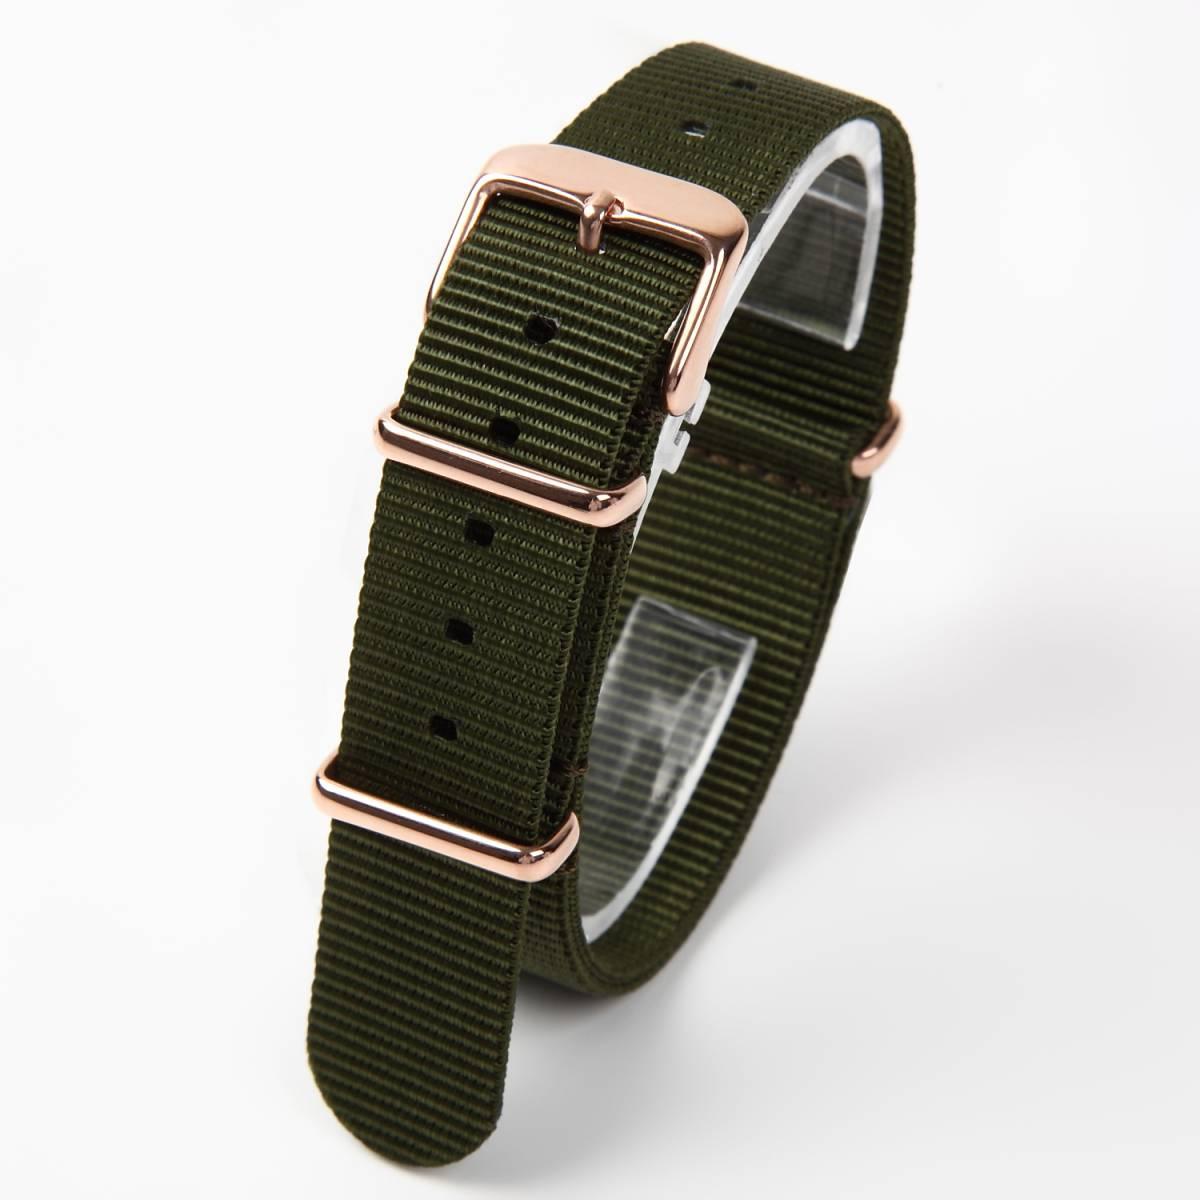 NATO タイプ 時計ベルト カーキグリーン 18mm ローズゴールドバックル 取付マニュアル付き_画像1